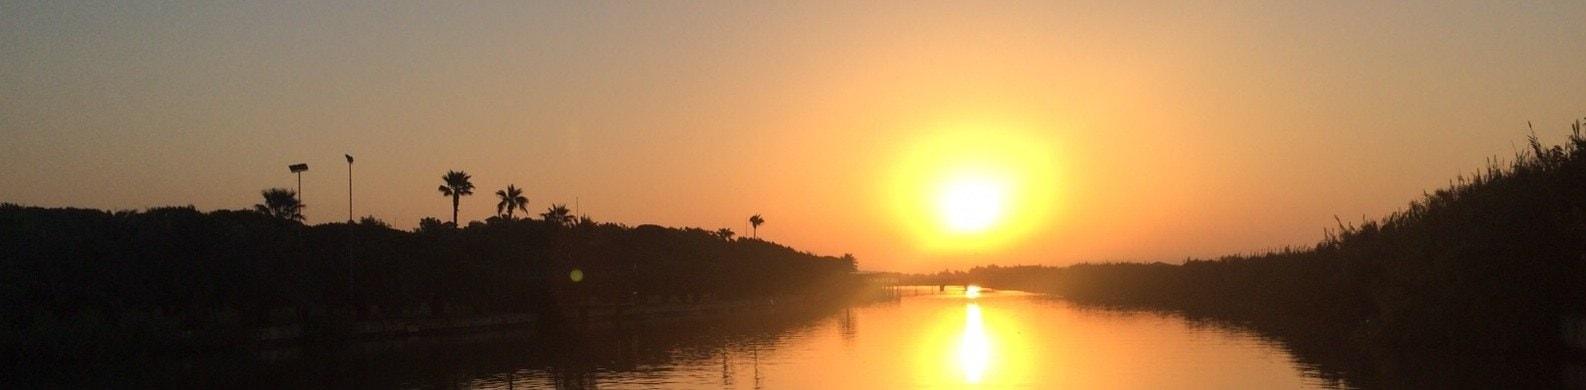 Sonnenuntergang Ausschnitt - reisemedizin-muenchen